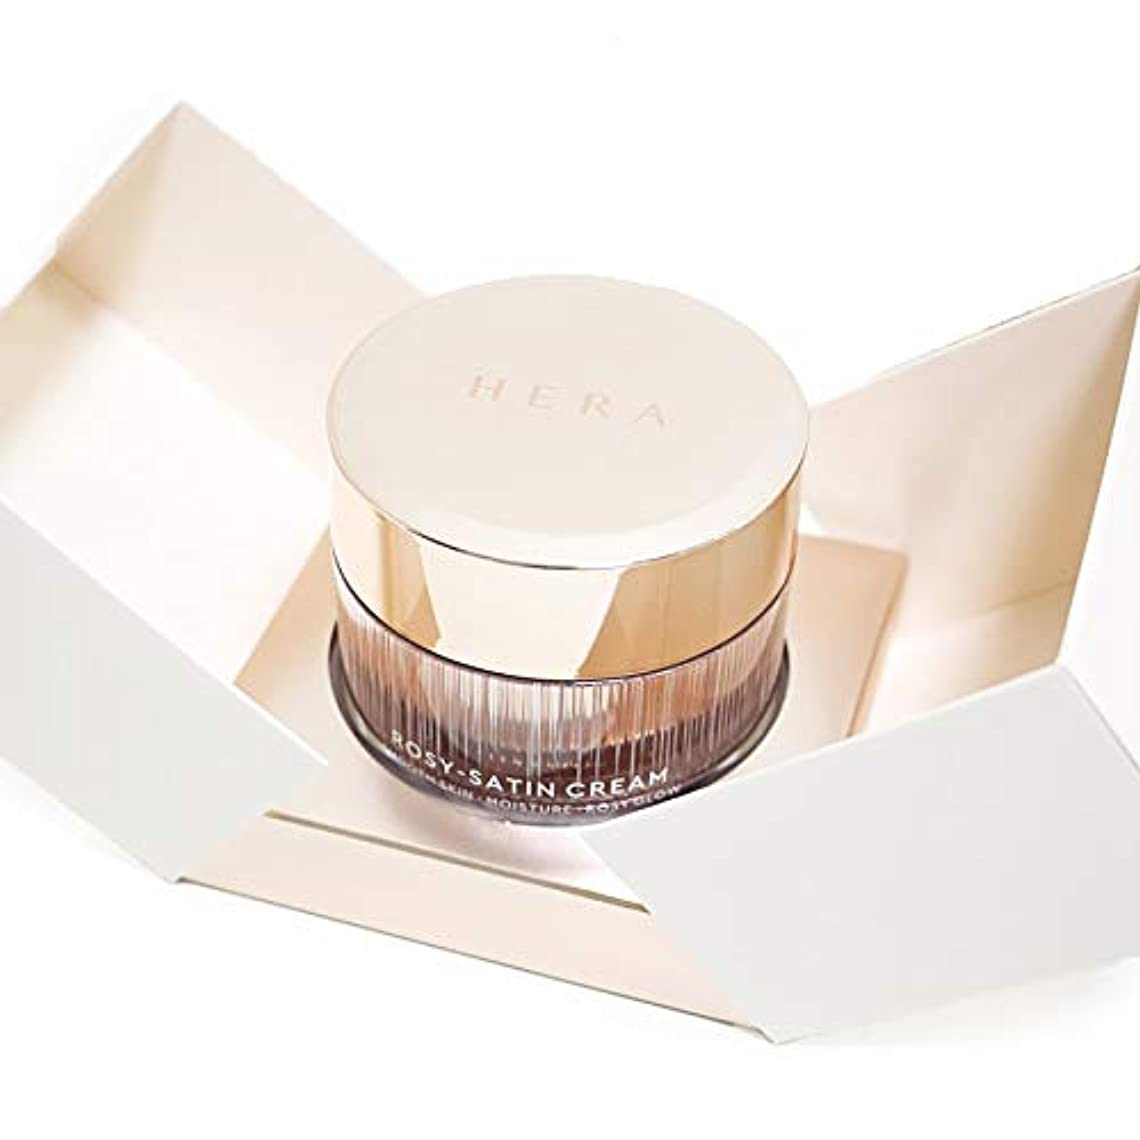 批判的にトリッキーゆり[ヘラ HERA] 新発売 ロージーサテンクリーム50ML Rosy-Satin Cream 50ml  海外直送品